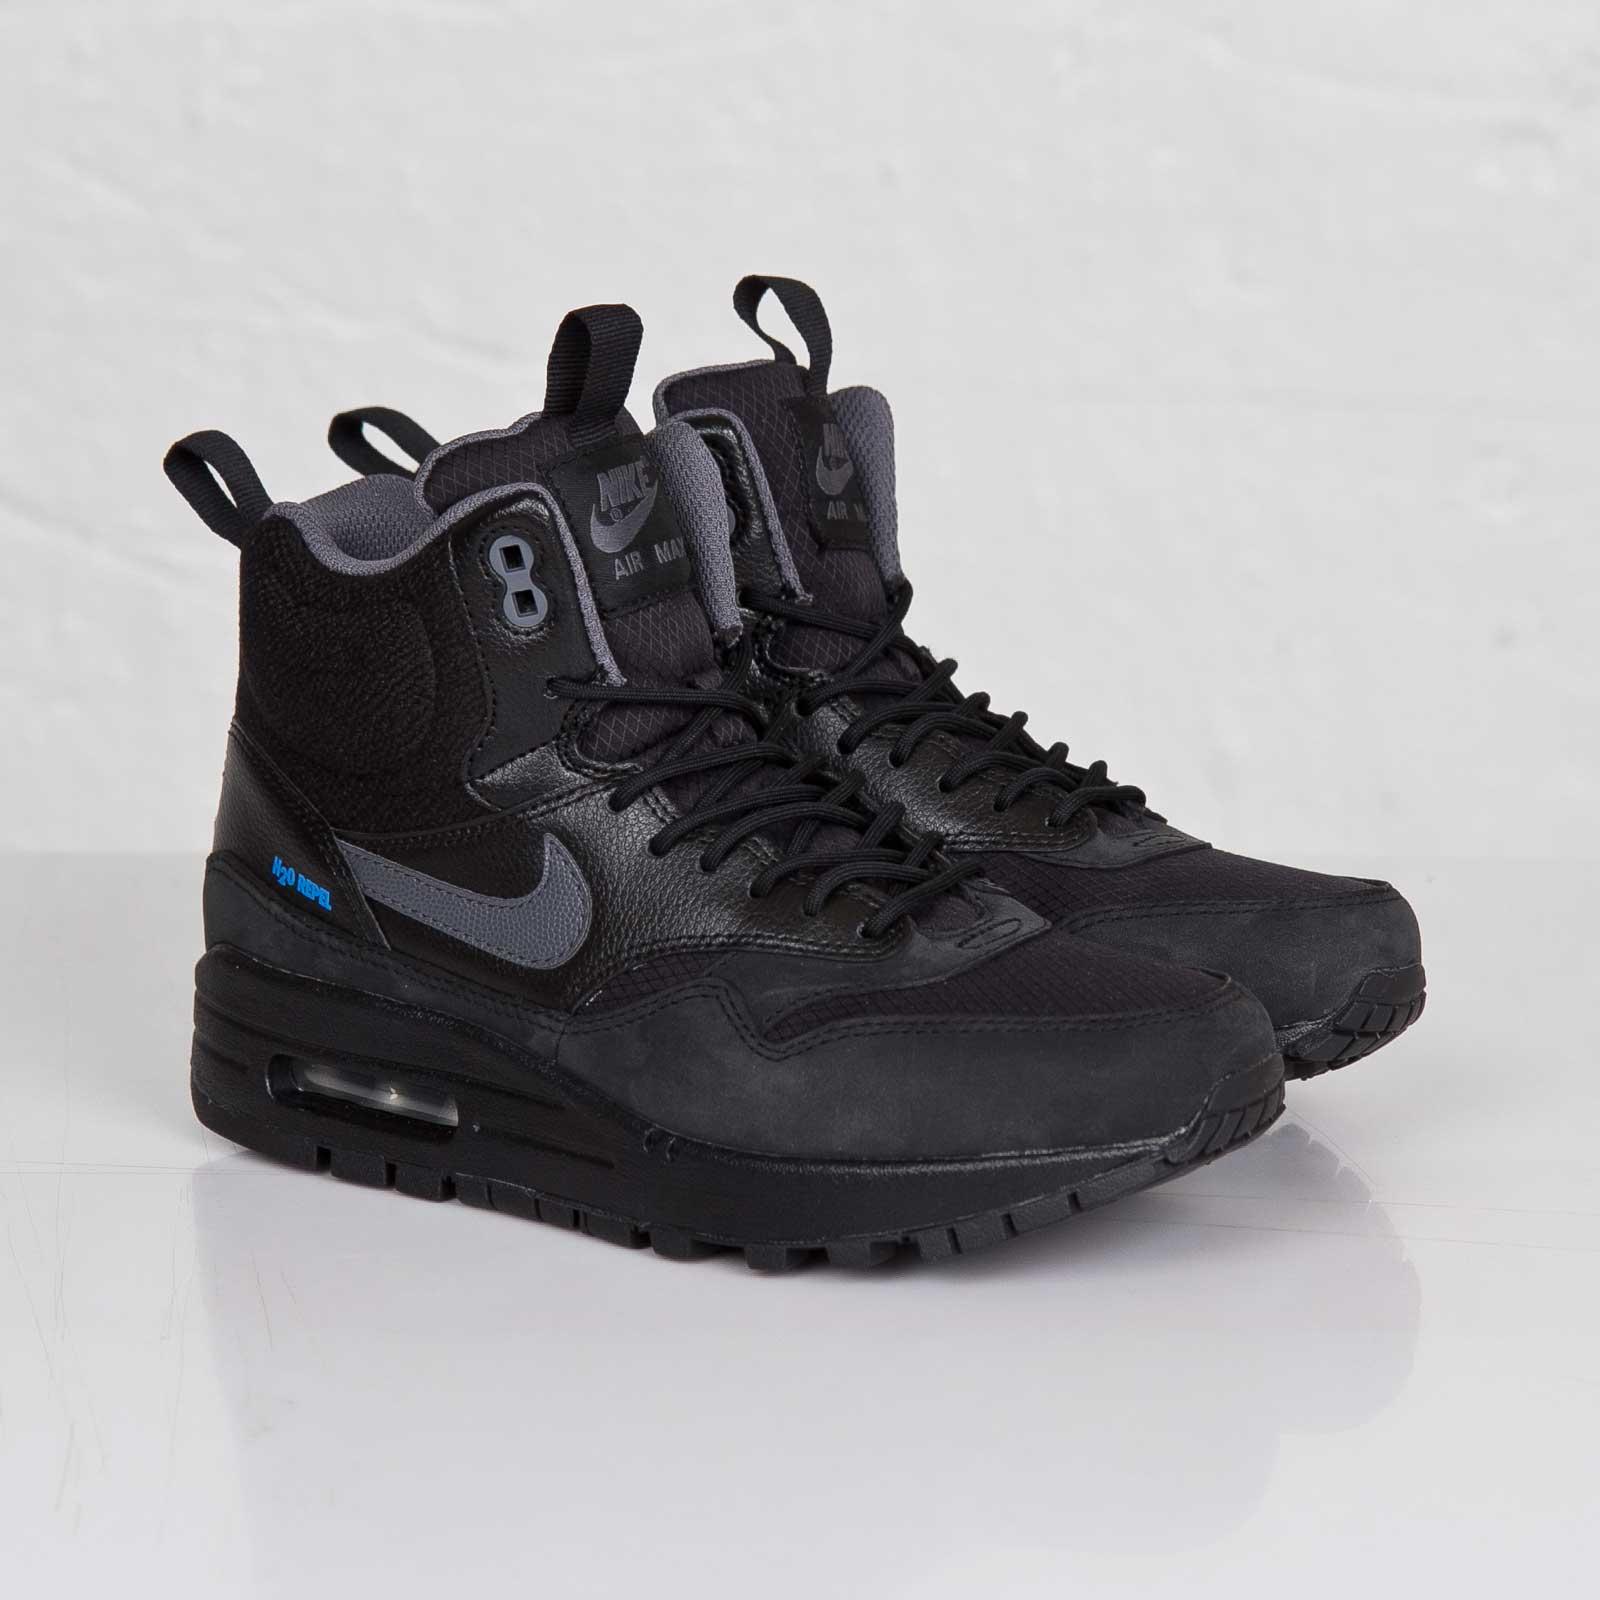 Nike WMNS Air Max 1 Mid Sneakerboot - 685267-001 - SNS | sneakers ...